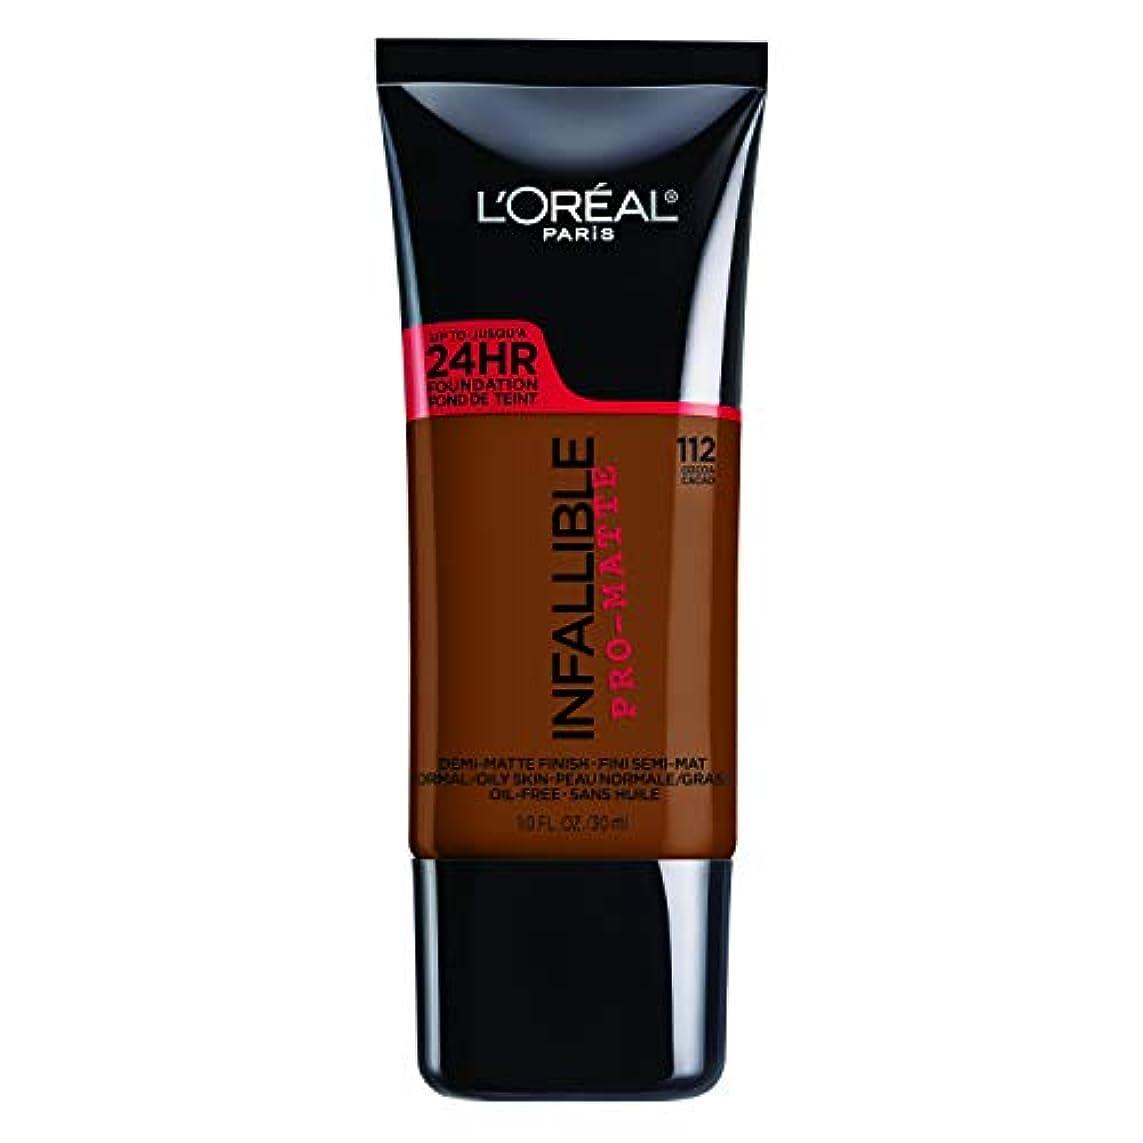 伝染性の適用する橋脚L'Oreal Paris Infallible Pro-Matte Foundation Makeup, 112 Cocoa, 1 fl. oz[並行輸入品]